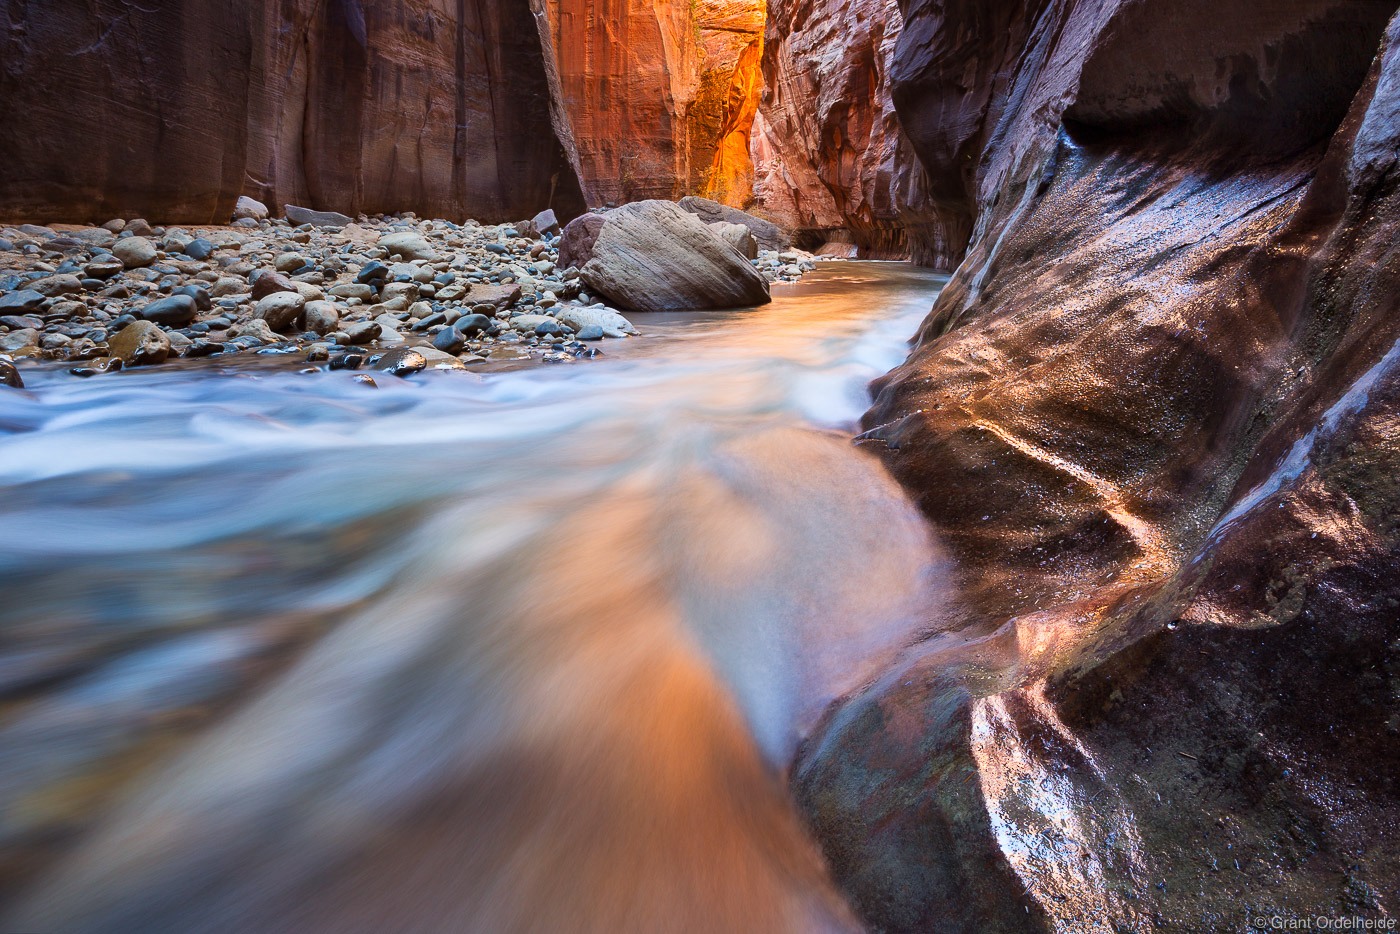 The Virgin River flows through The Narrows in Zion Canyon.